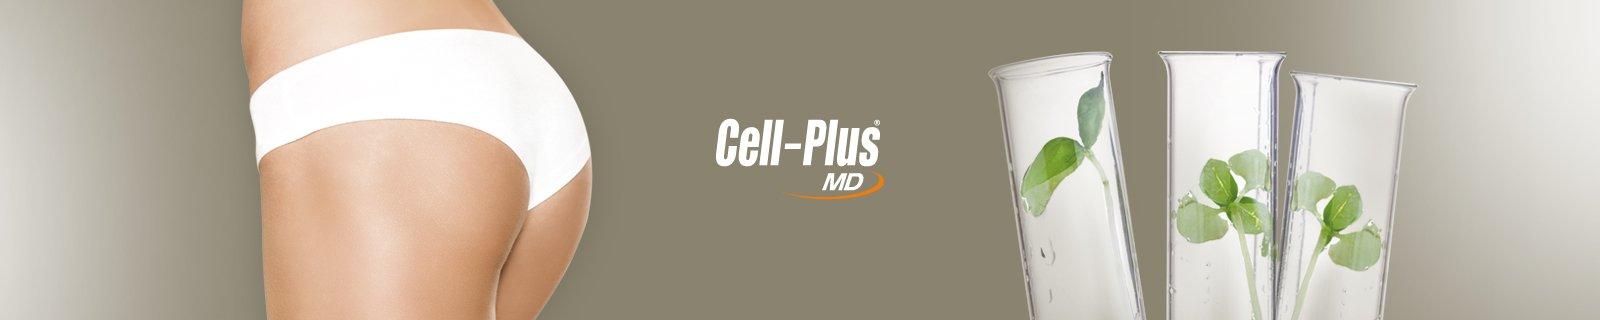 Cell-Plus Dispositivi medici